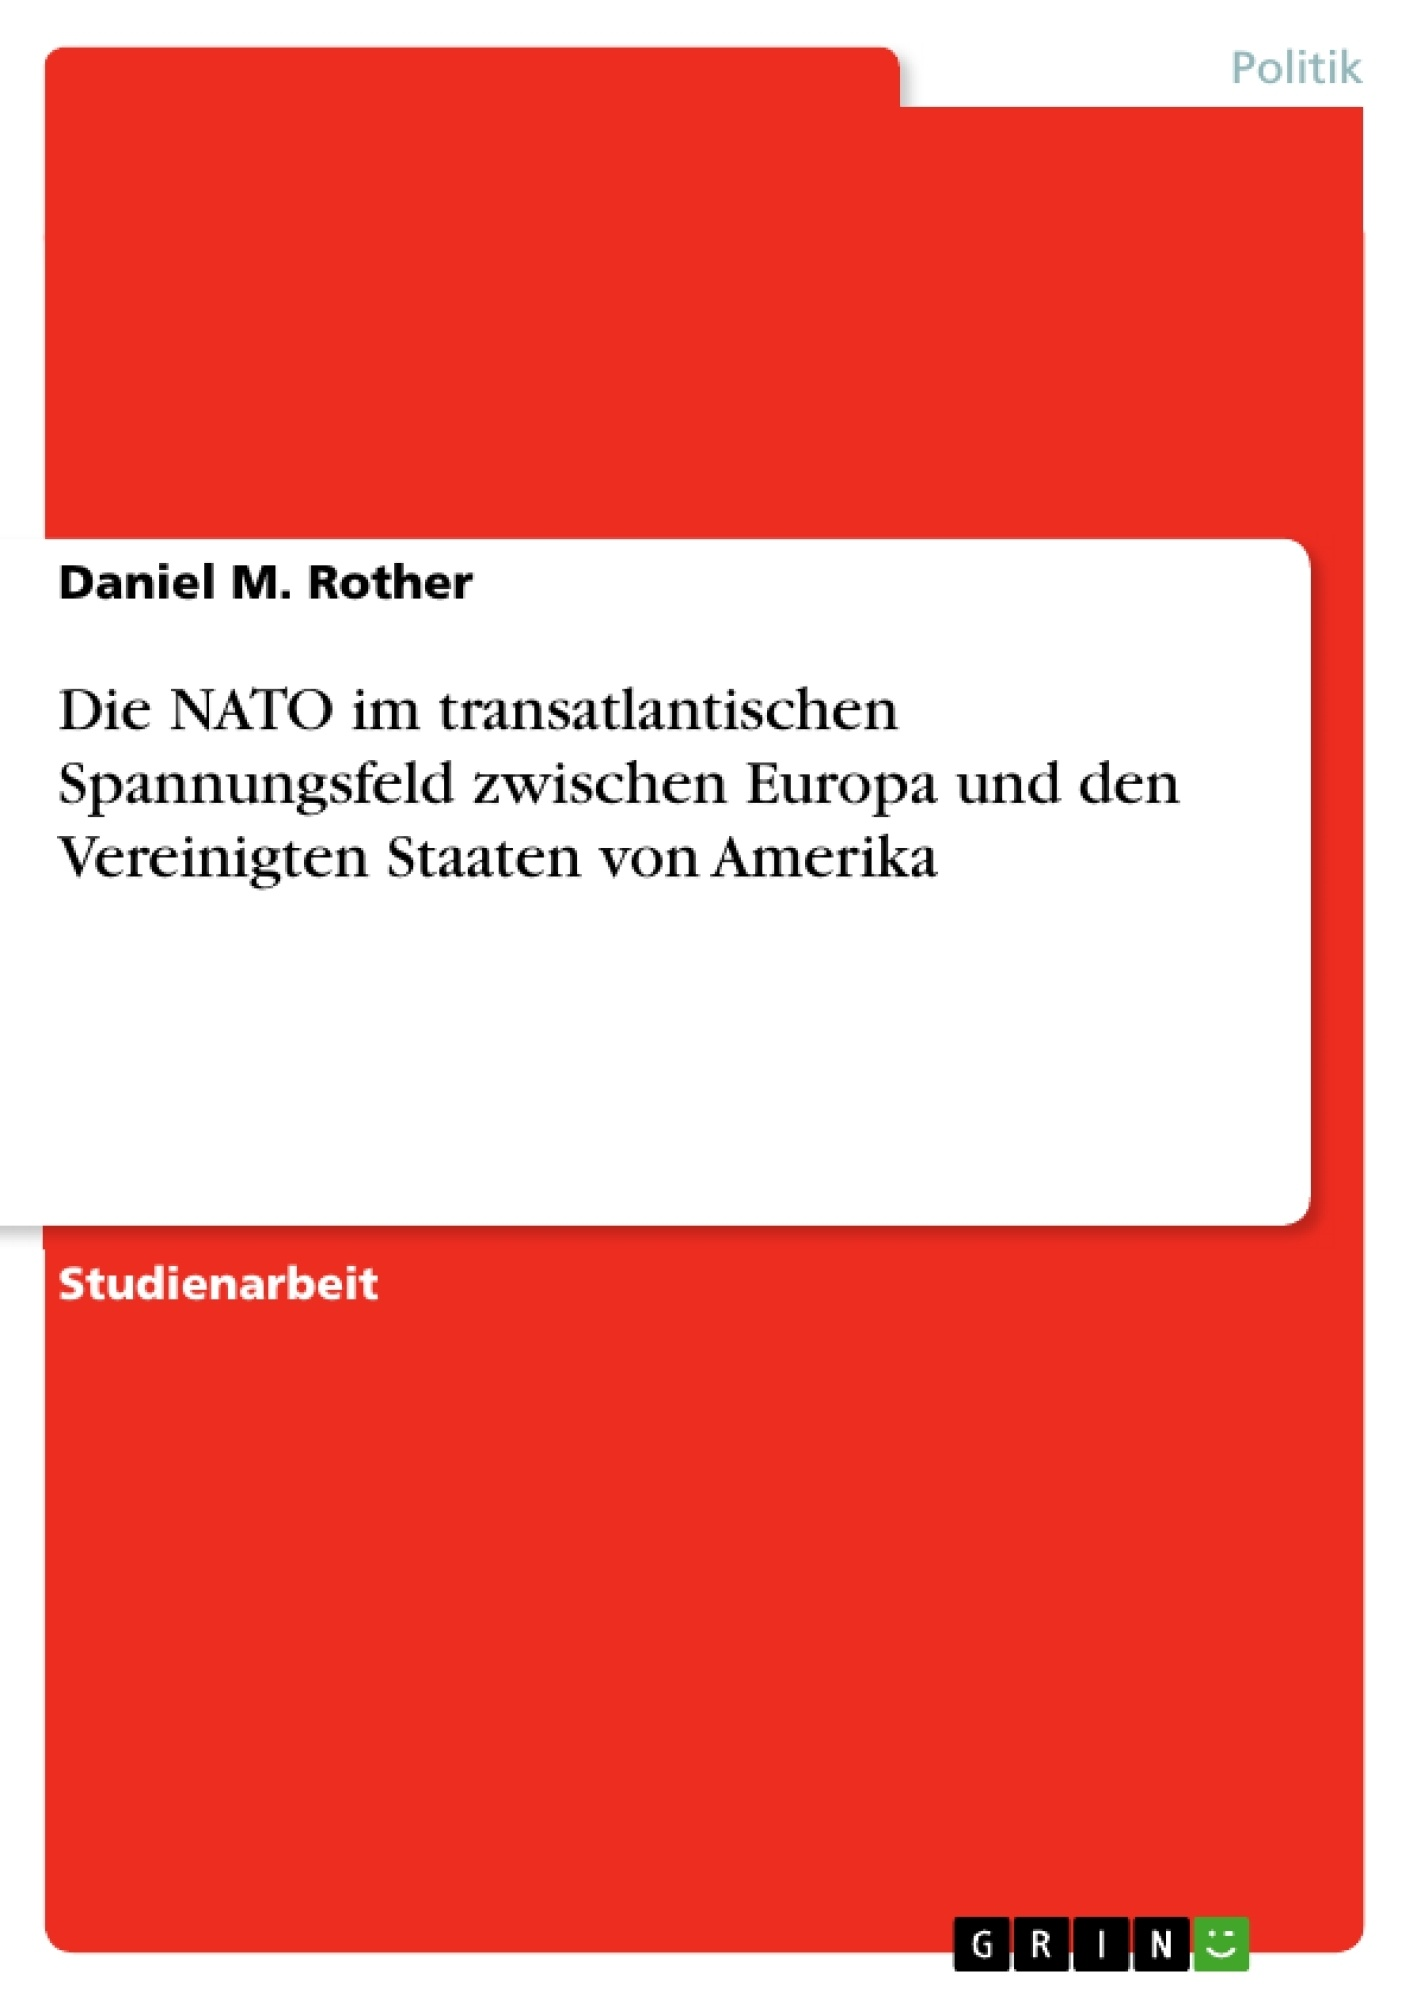 Titel: Die NATO im transatlantischen Spannungsfeld zwischen Europa und den Vereinigten Staaten von Amerika